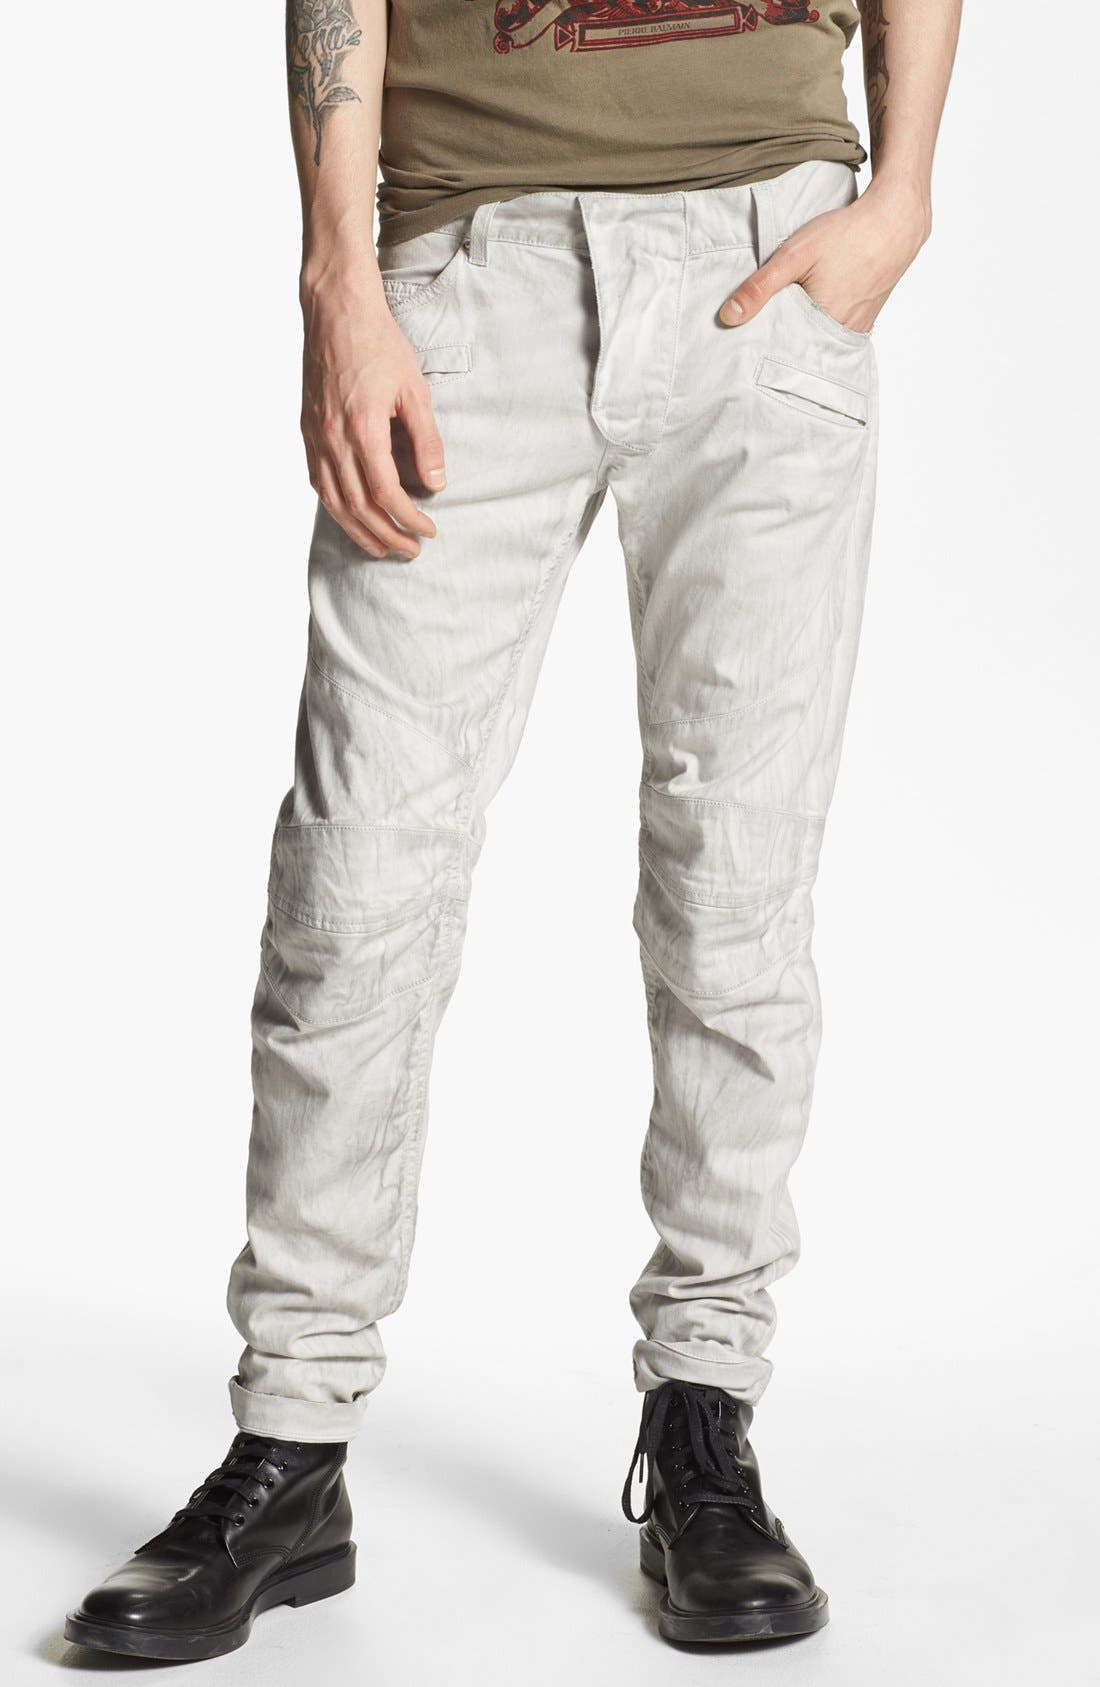 PIERRE BALMAIN, Slim Fit Jeans, Main thumbnail 1, color, 101